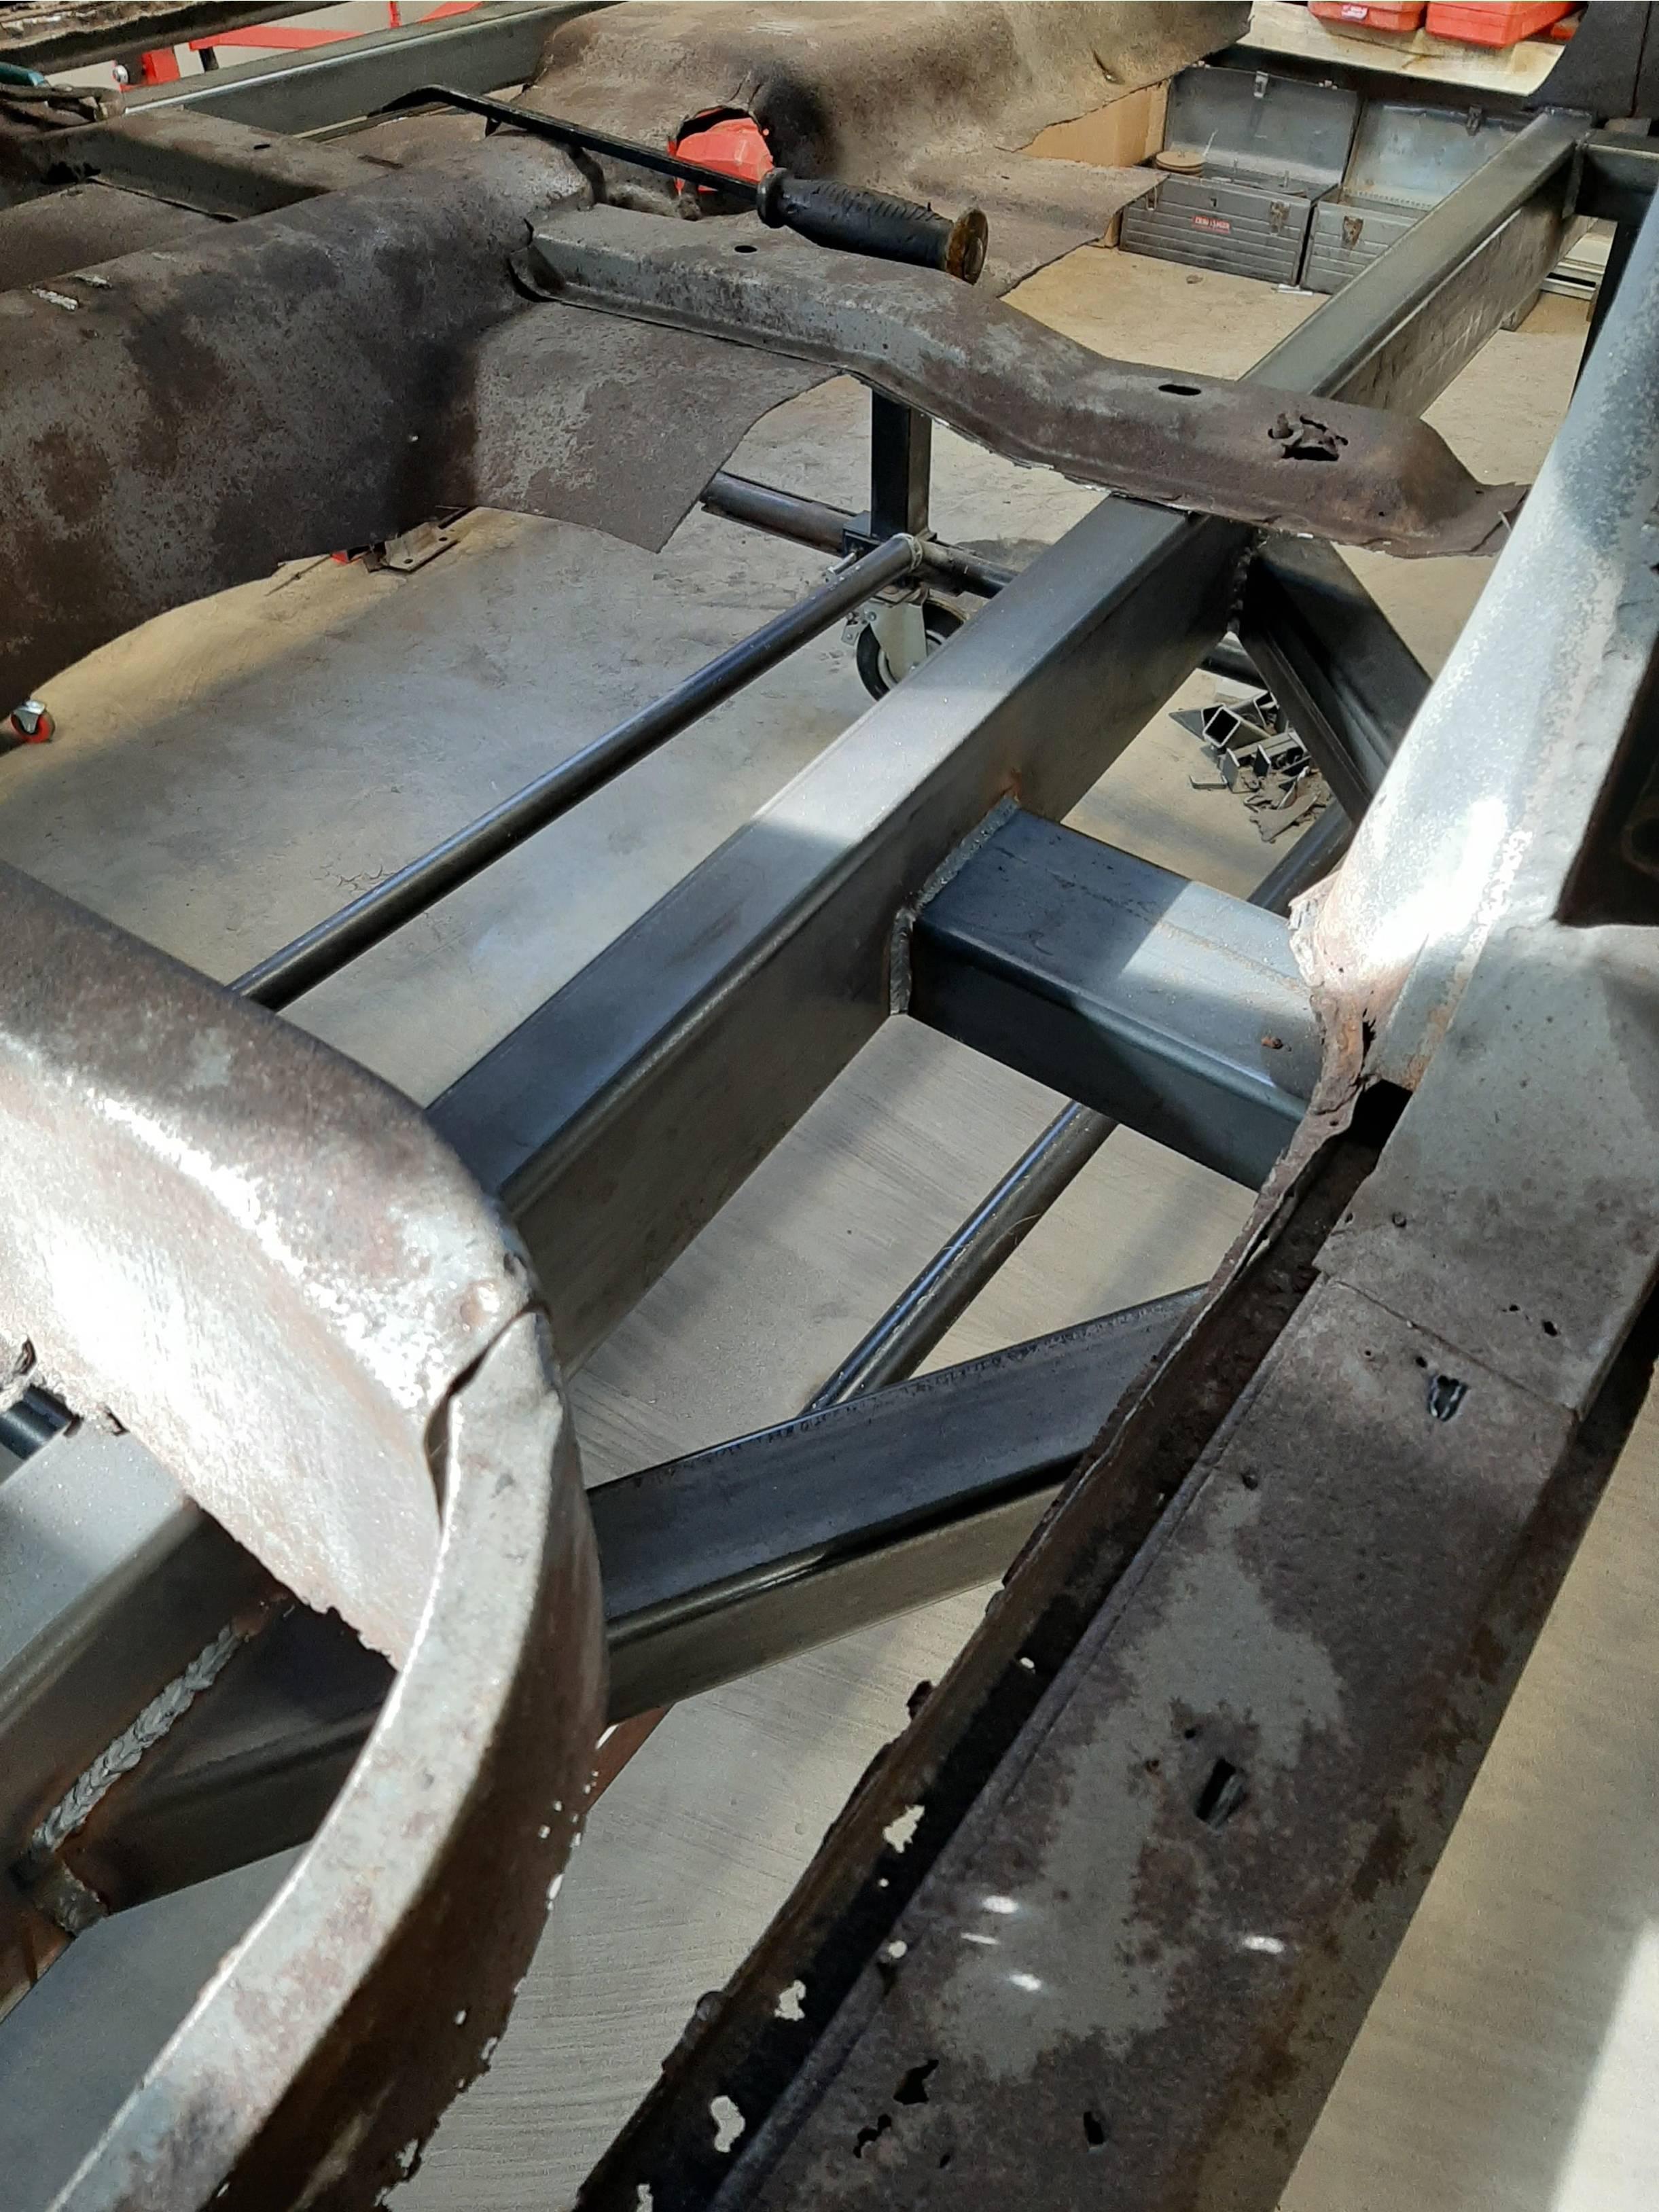 slide 6 - rebuilding substructure